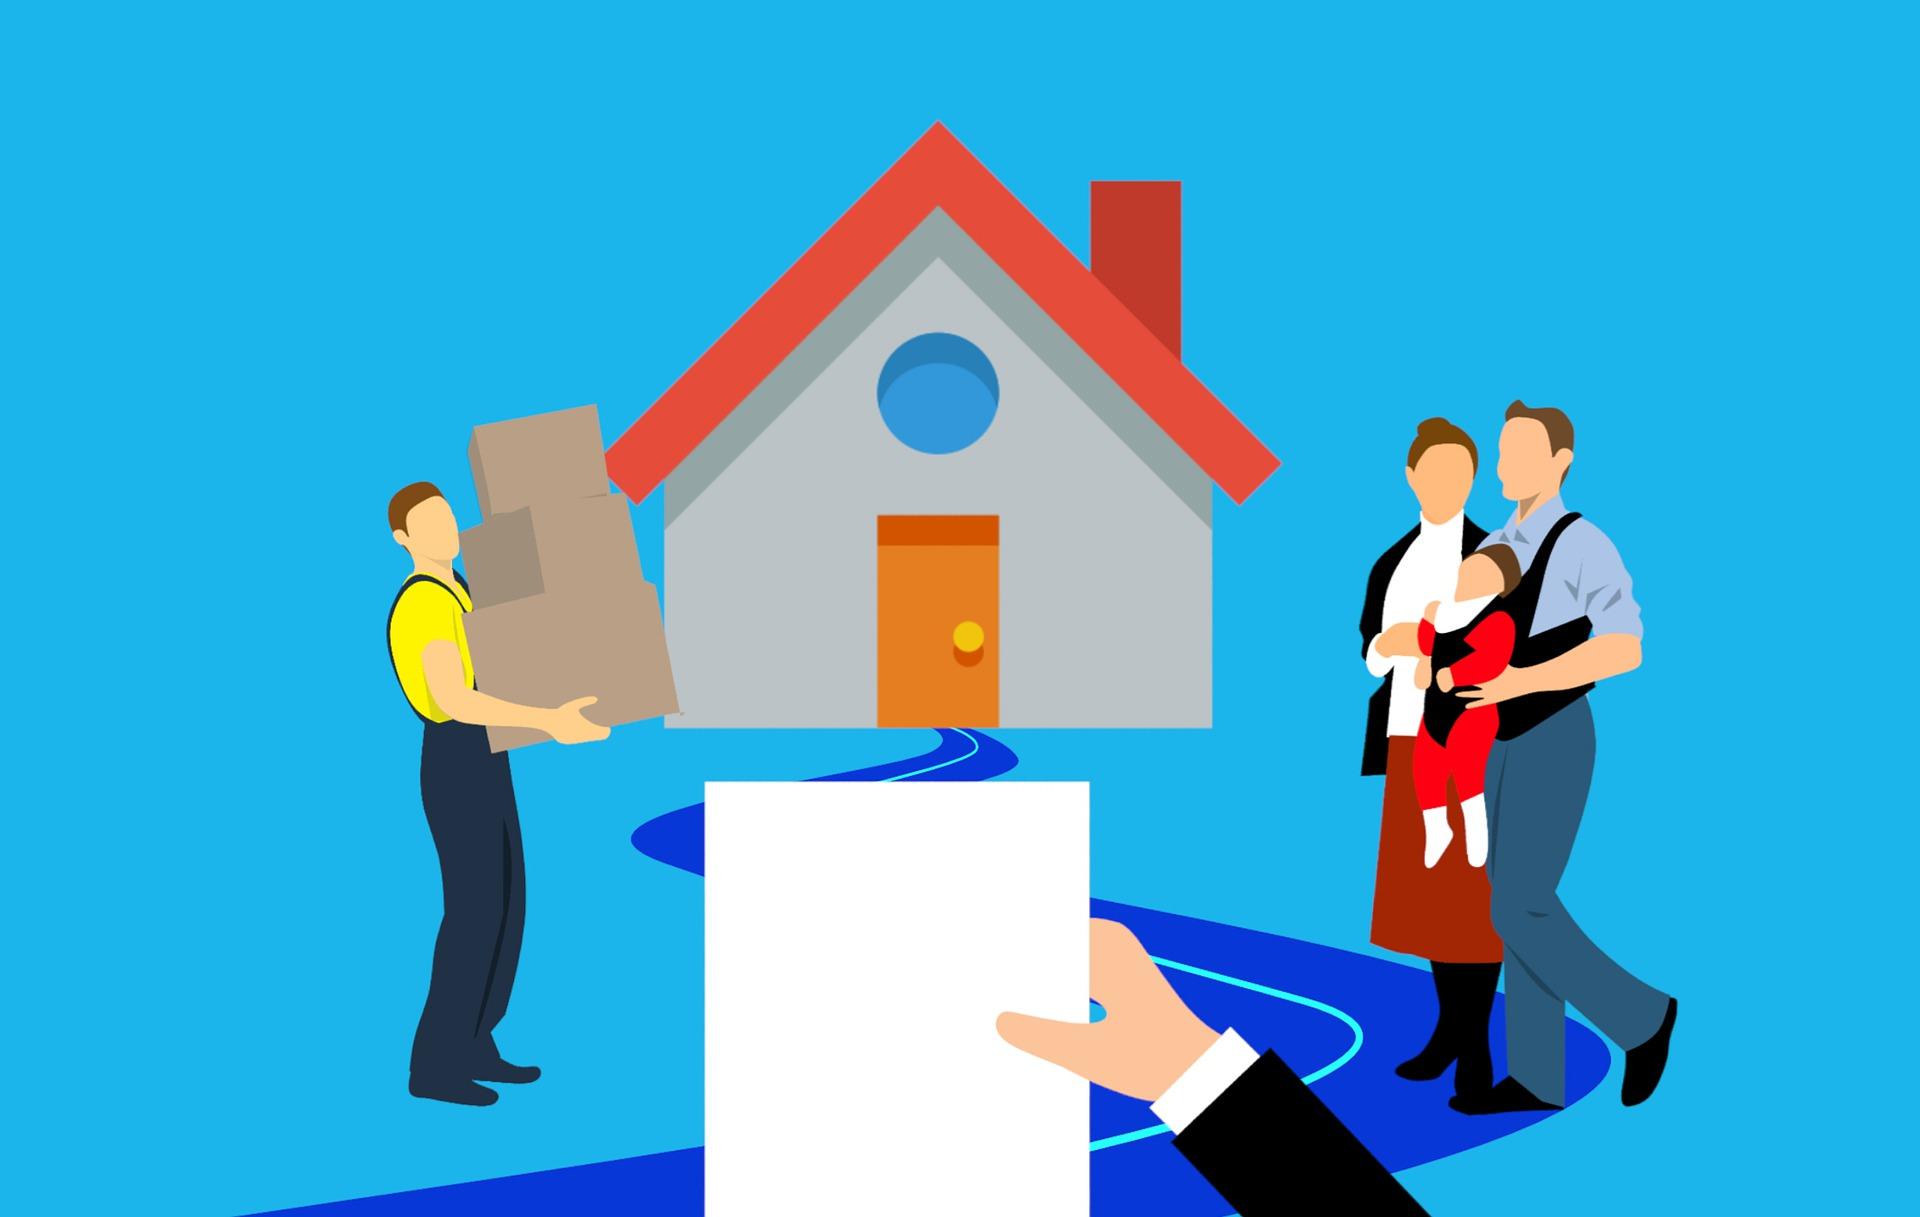 Как правильно сделать погашение материнским капиталом ипотеки в 2020 году и причины почему могут отказать в переводе денег в банк